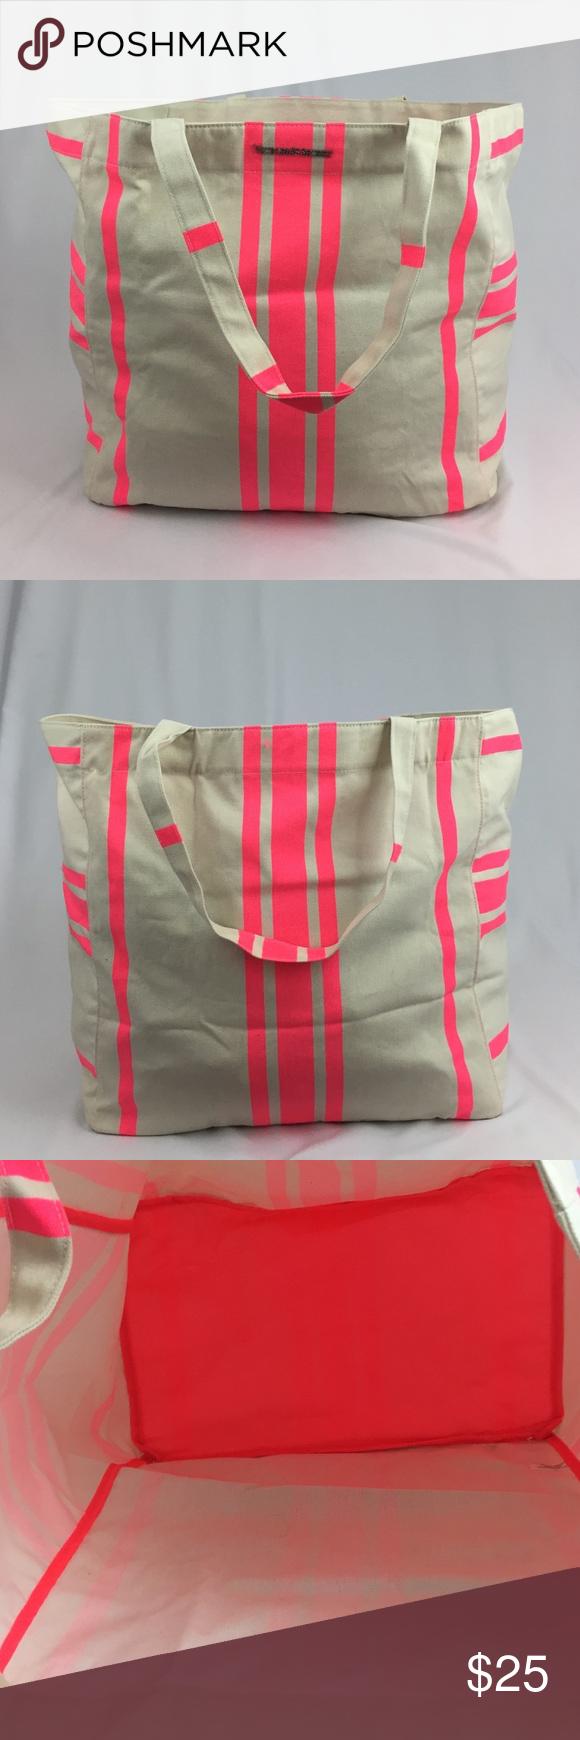 🆕😍 Victoria's secret striped tote bag Victoria's secret striped canvas tote bag Victoria's Secret Bags Totes